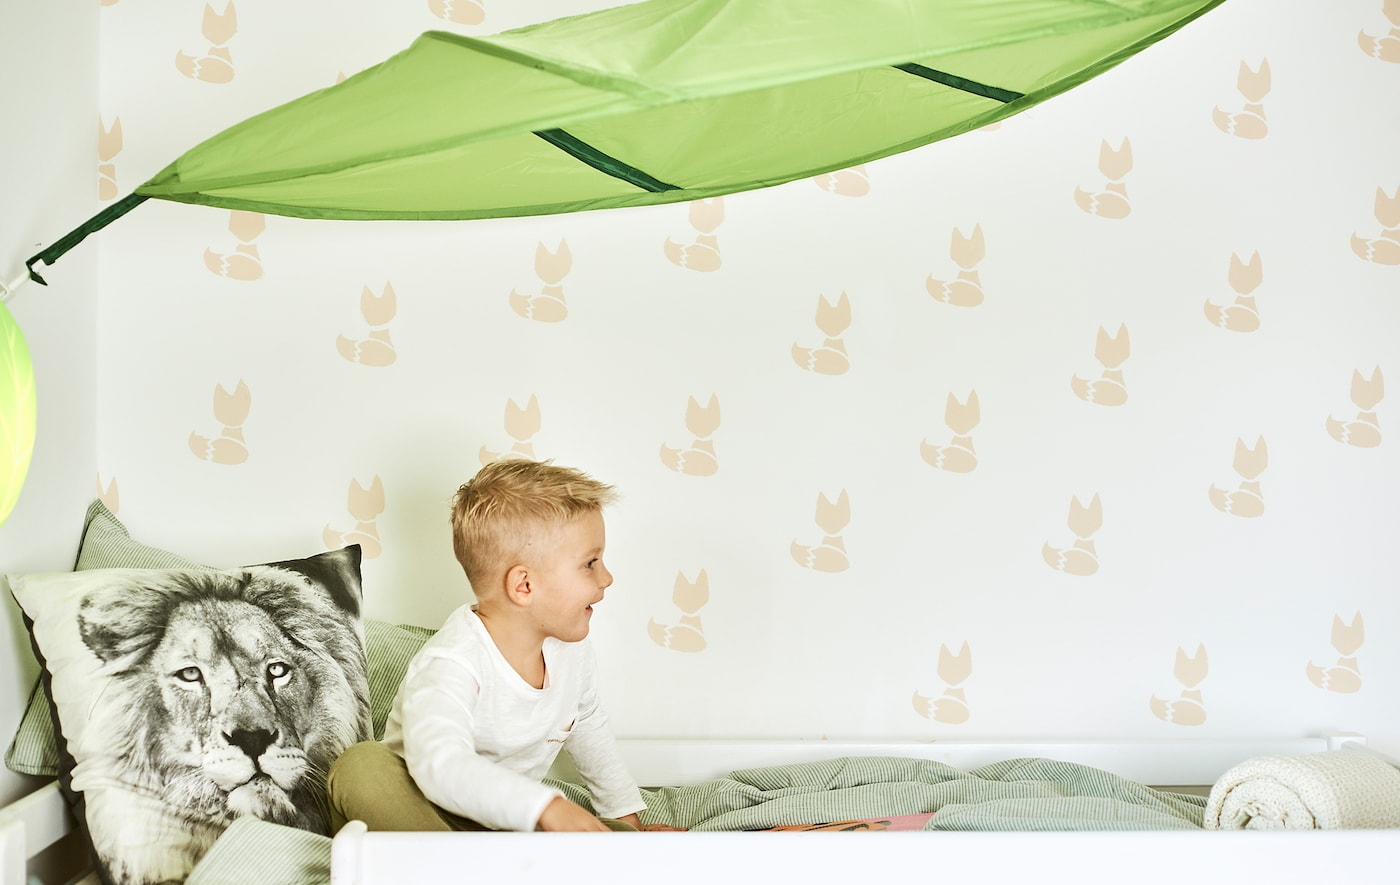 Copil așezat pe un pat cu pilotă verde și o pernă șezut cu chipul unui leu, patul având un baldachin verde în formă de frunză.